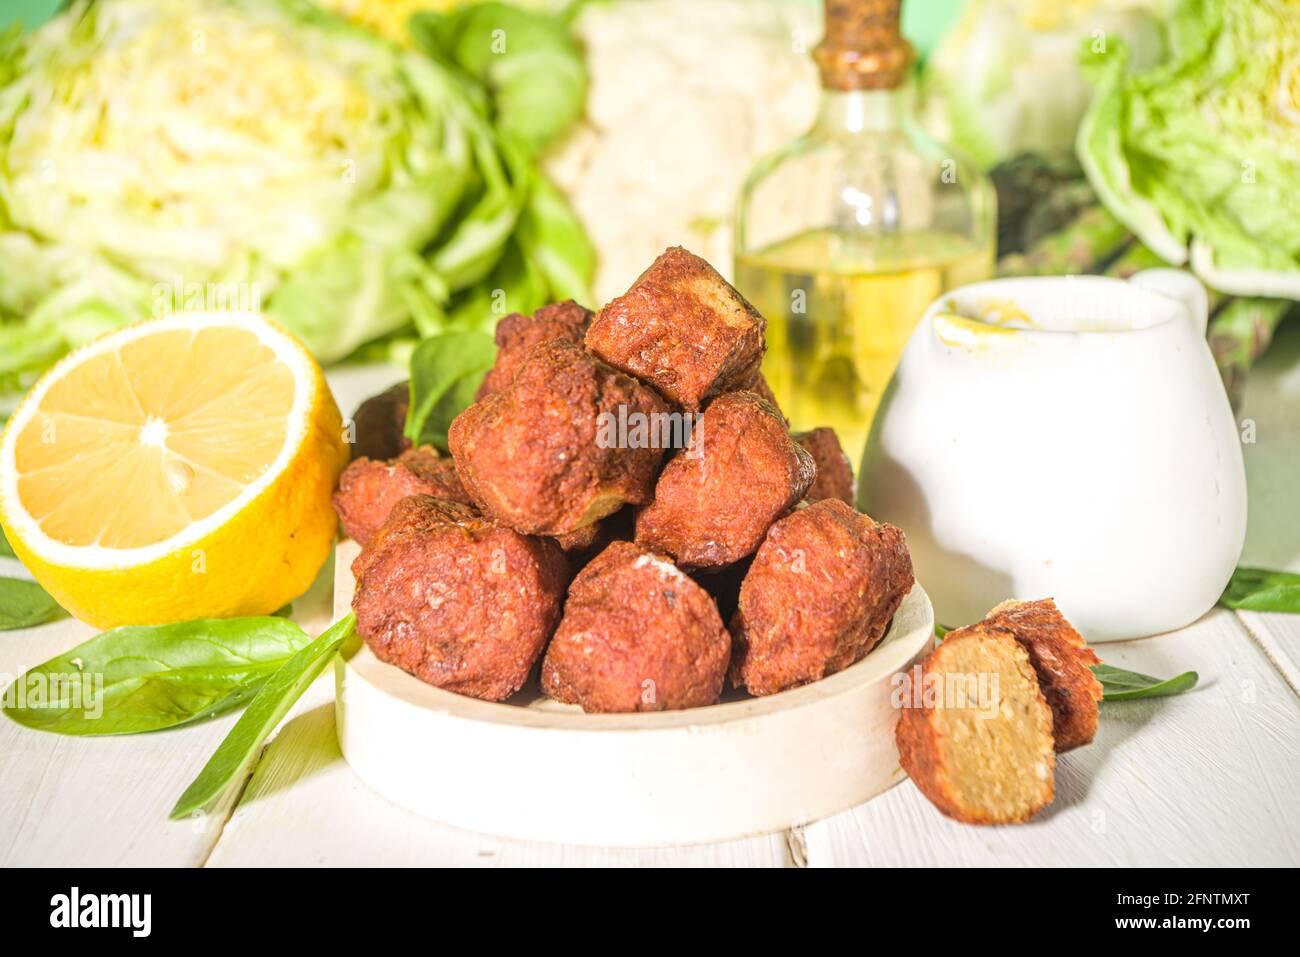 Plat moyen-oriental ou arabe, patties de falafel aux pois chiches rôtis avec sauce au yaourt à l'ail, laitue et légumes verts frais Banque D'Images